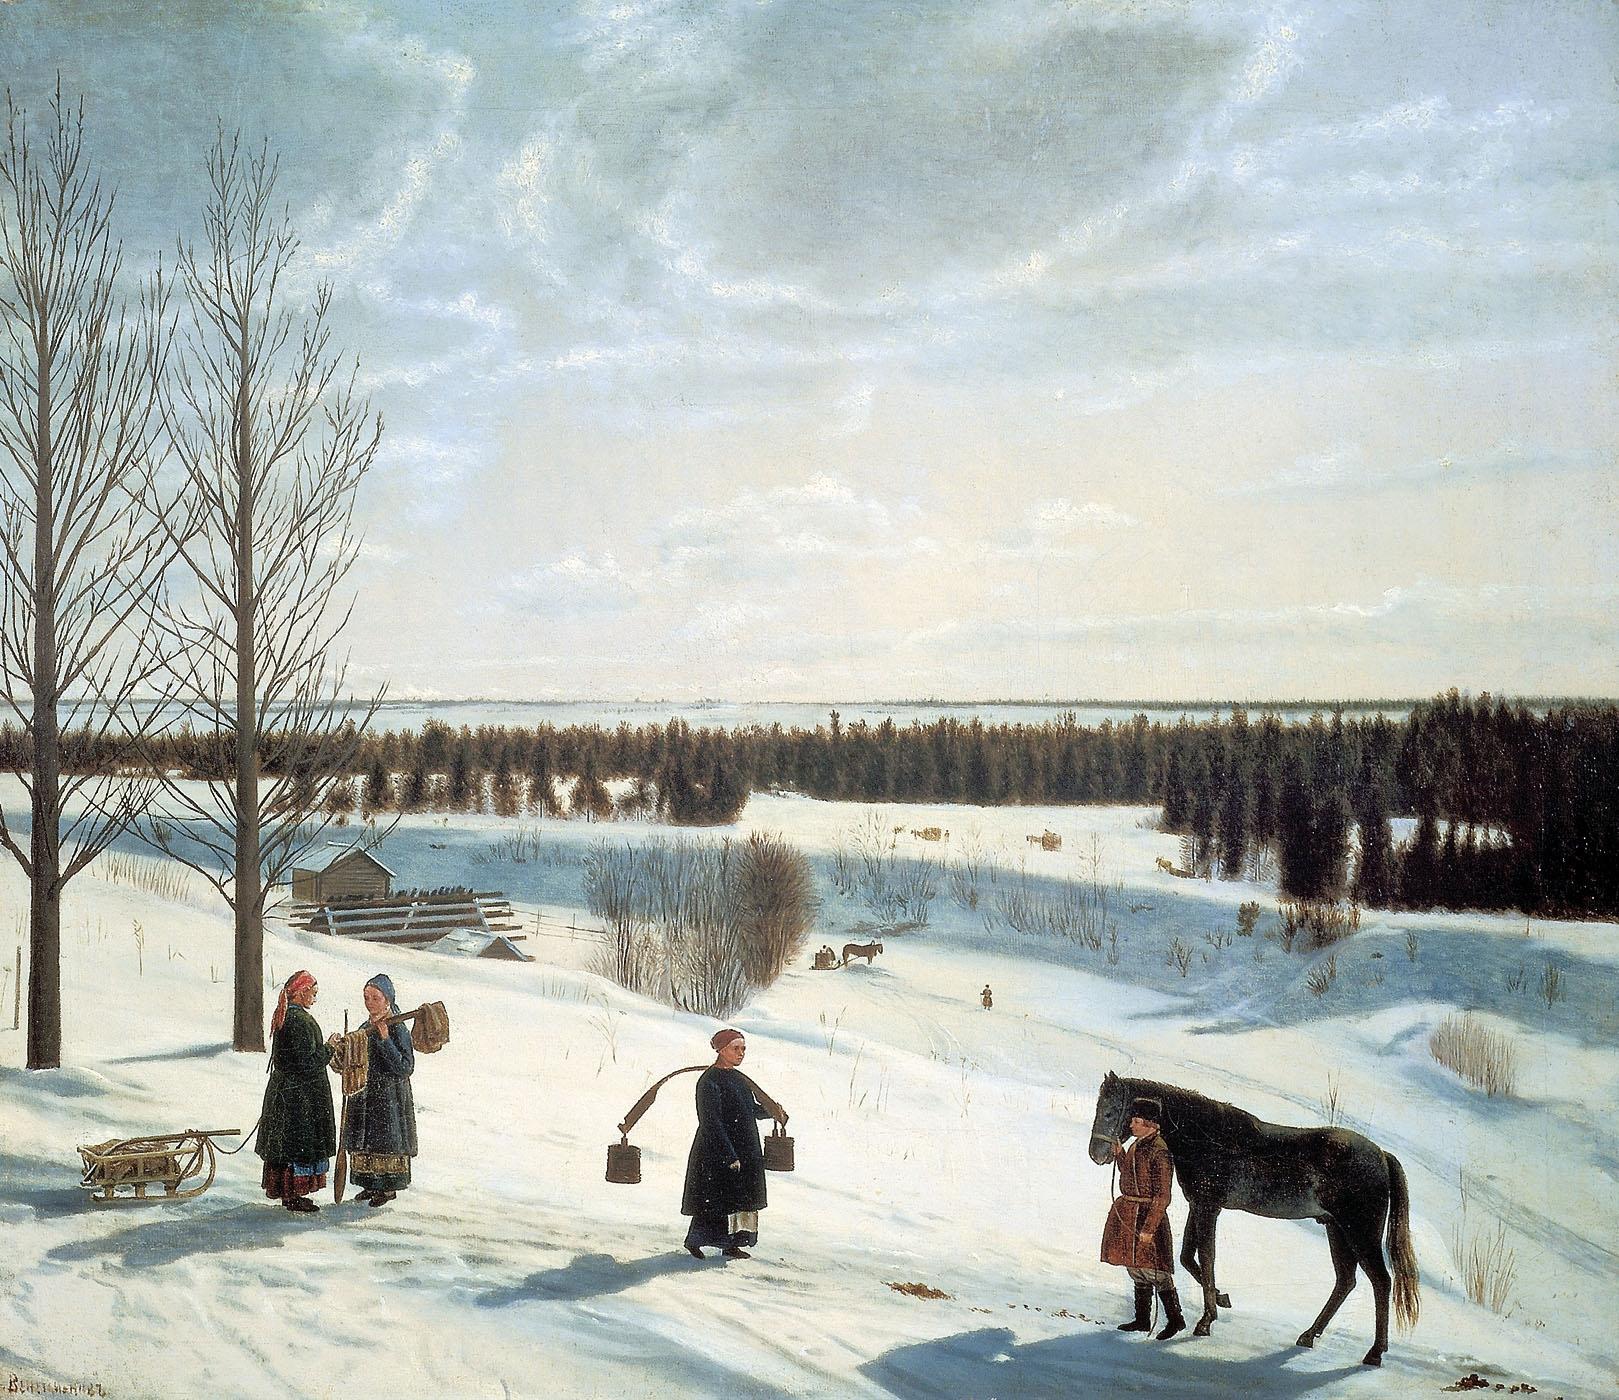 Никифор Крылов, 1827 год, картина «Русская зима»